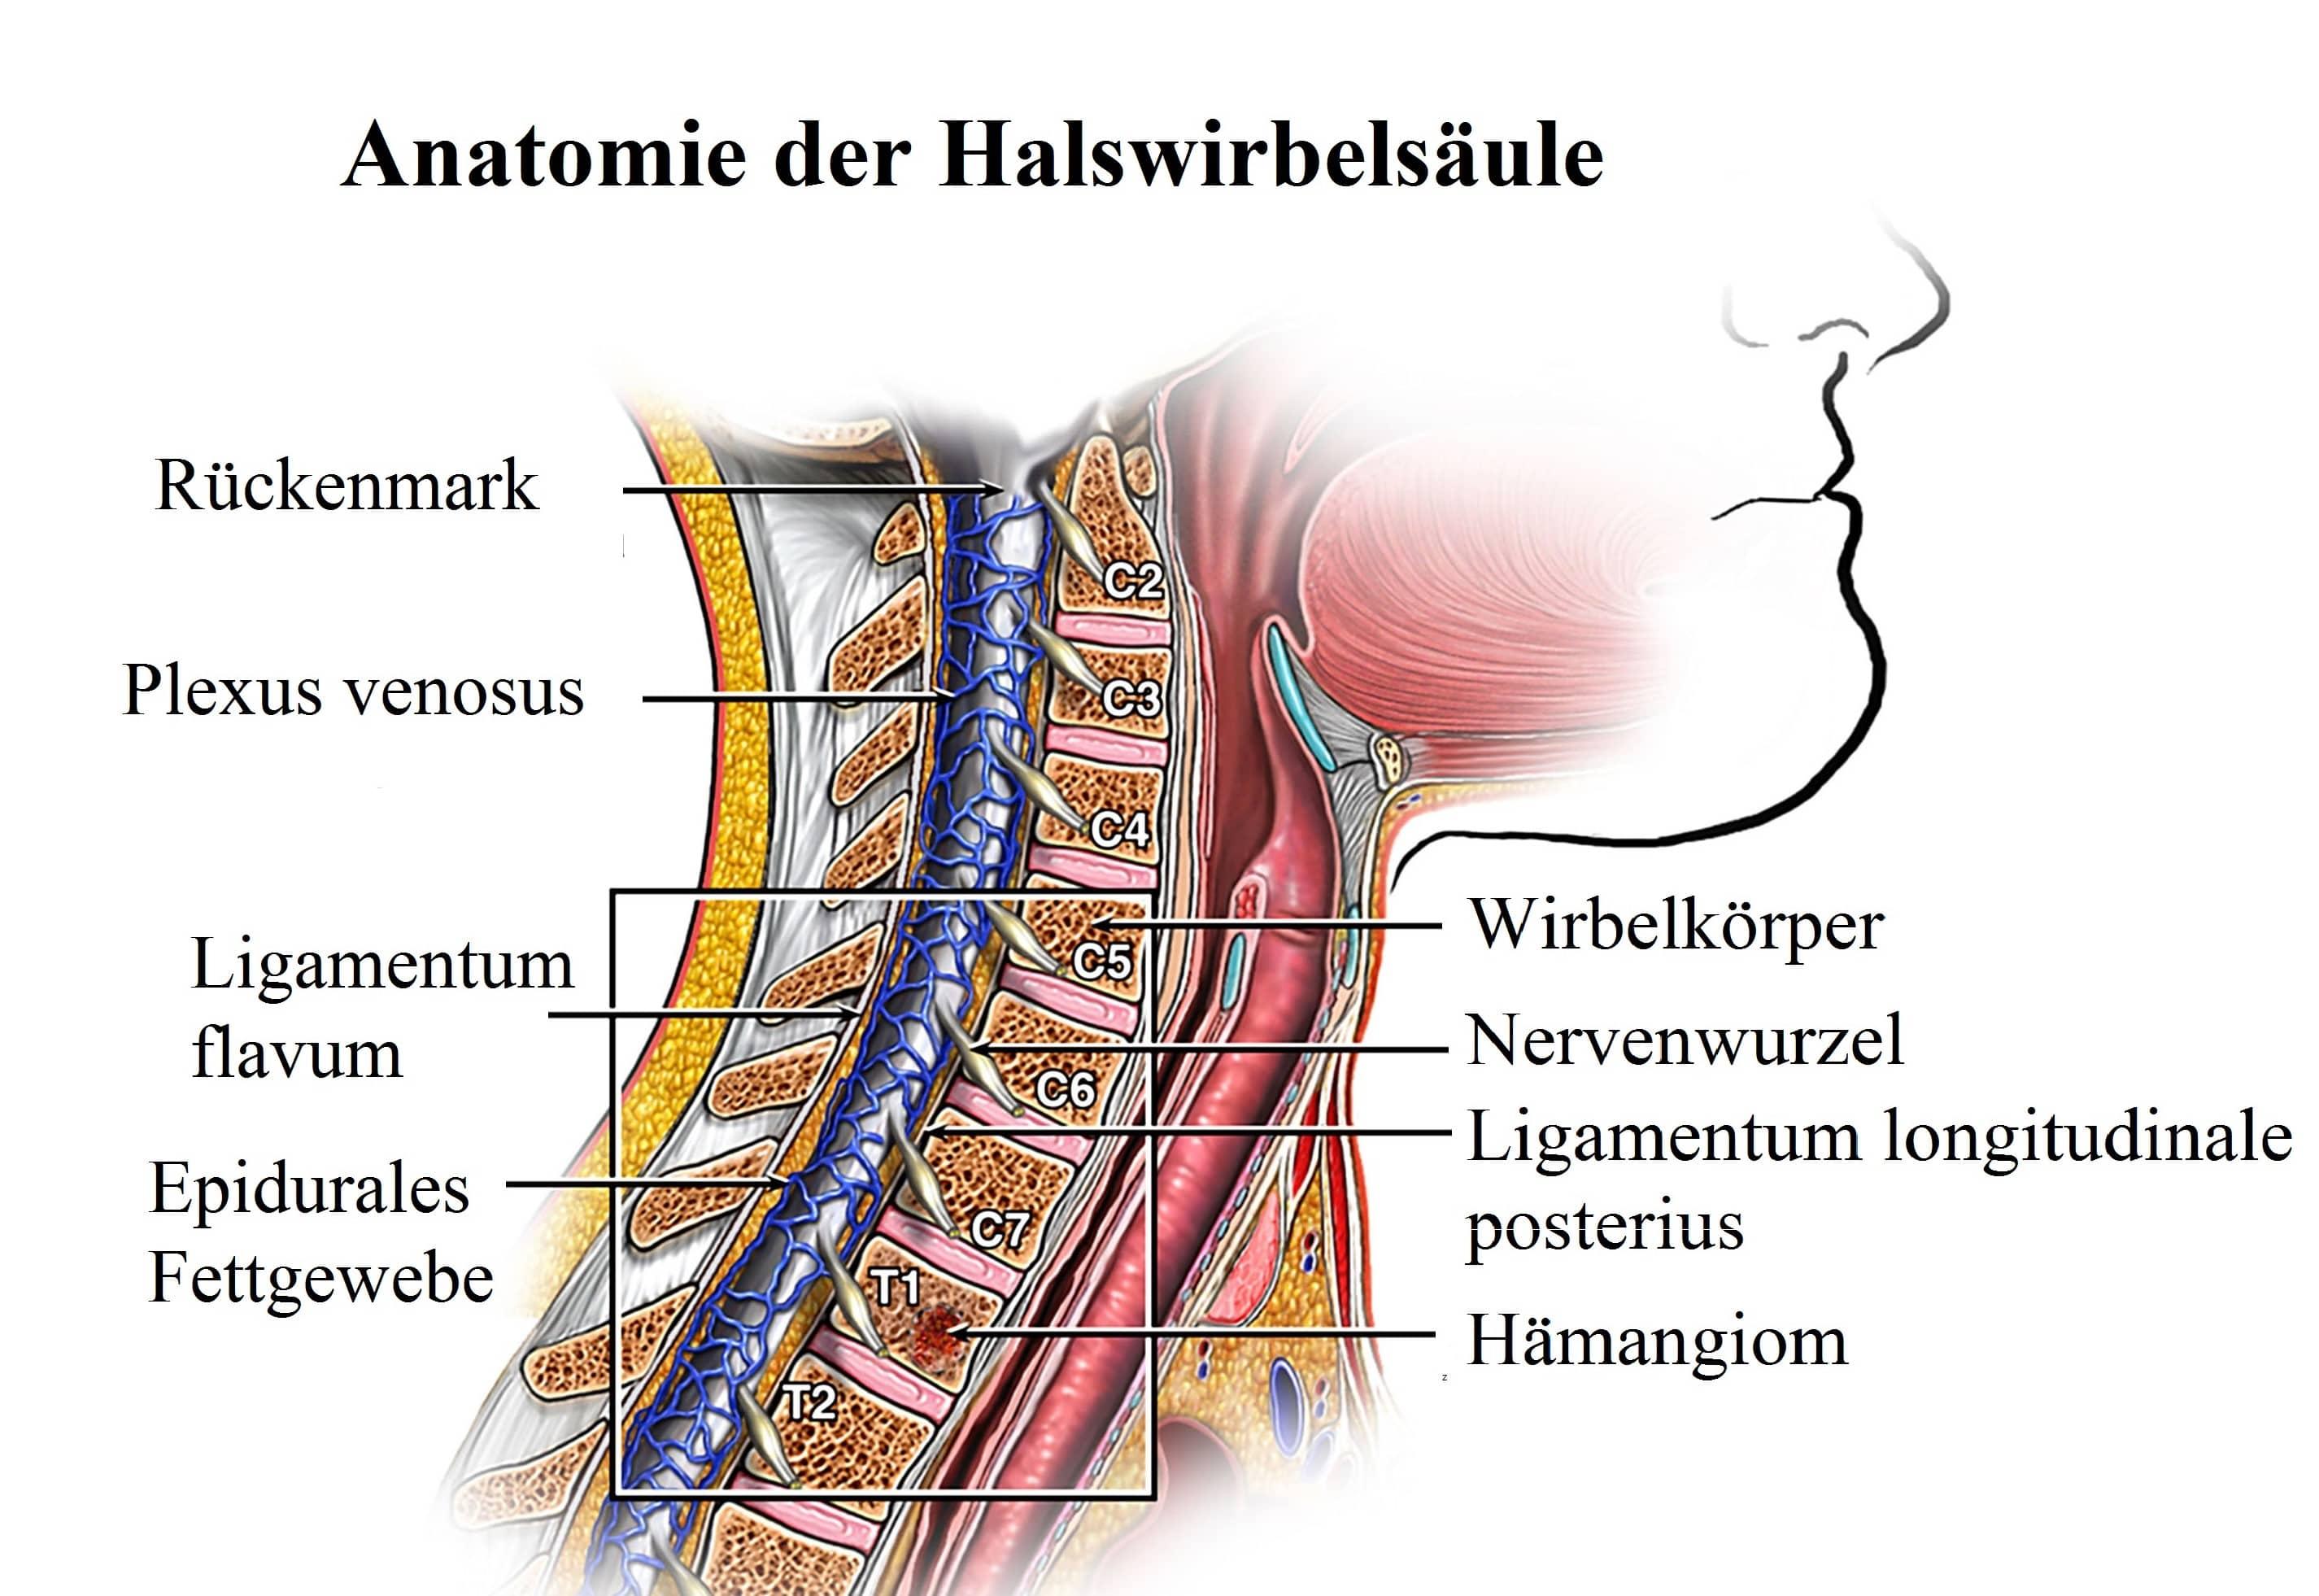 Anatomie der Wirbelsäule, Schmerzen, Bilder, Aufbau, Knacken